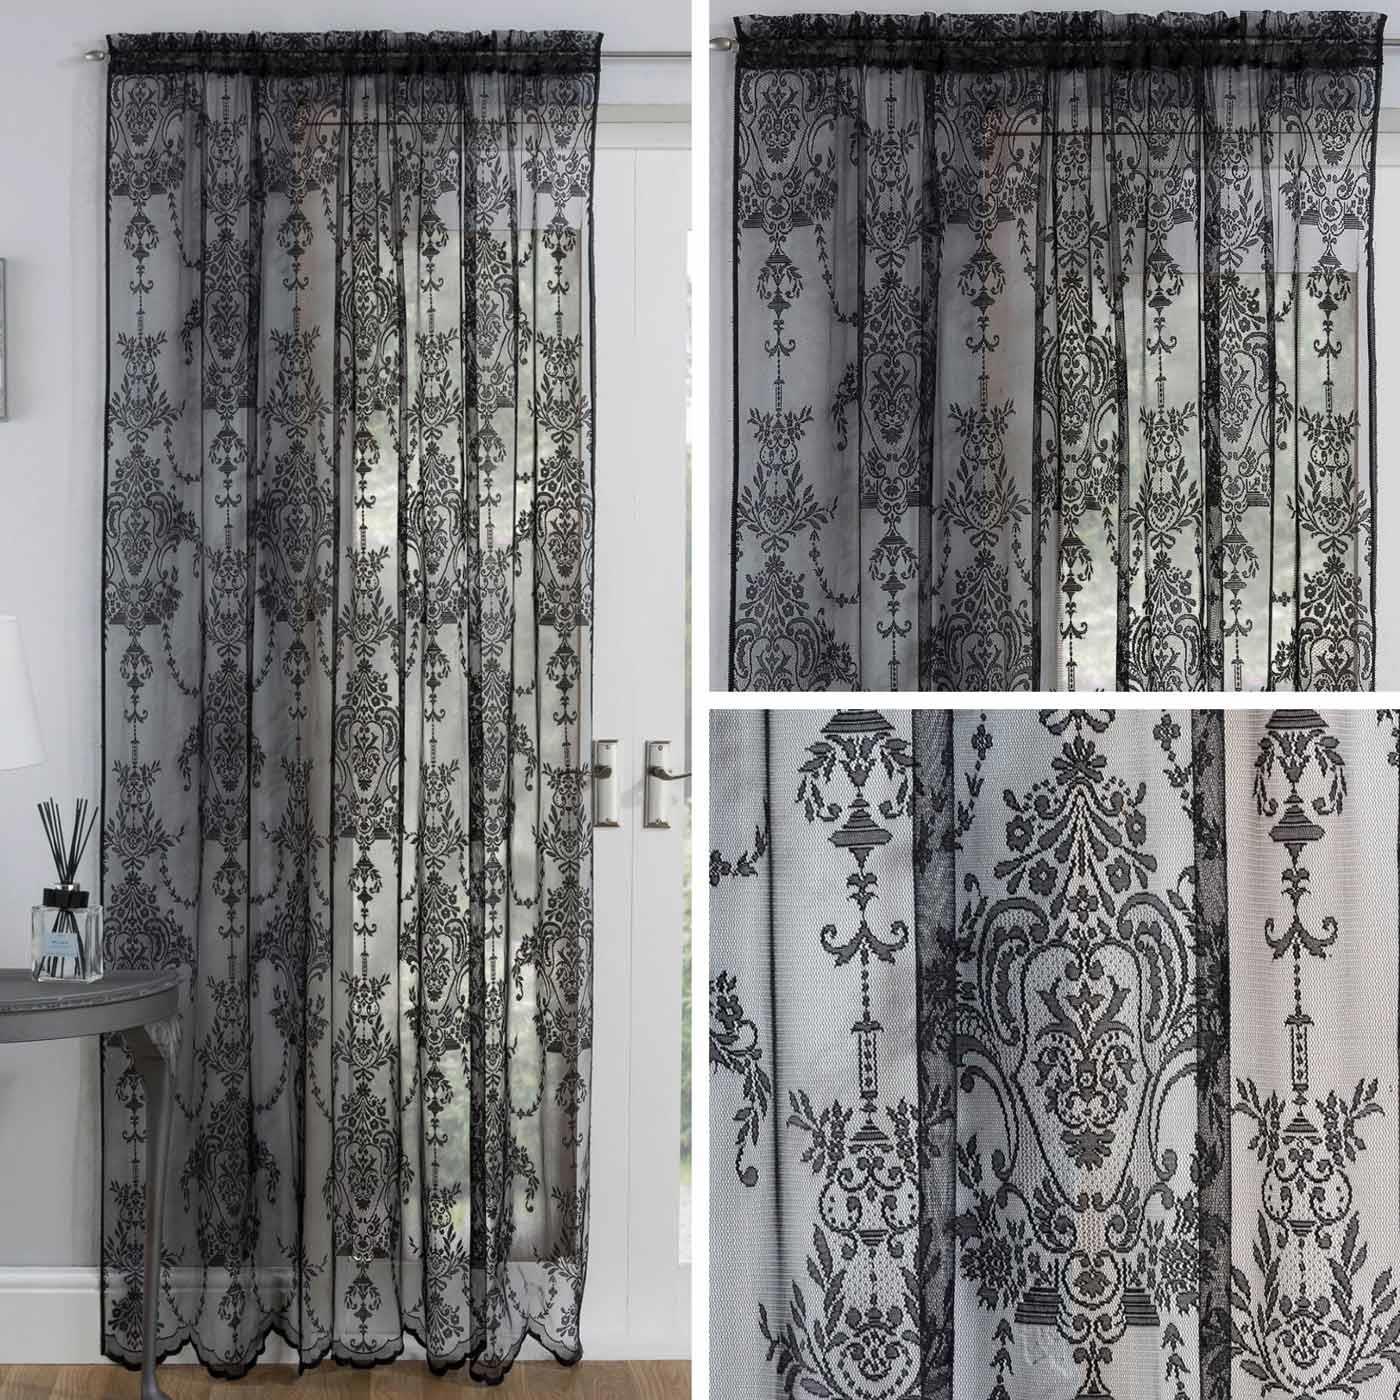 Black Voile Curtain Lace Damask Vintage Slot Panels Rod Pocket Sheer Voiles Ebay